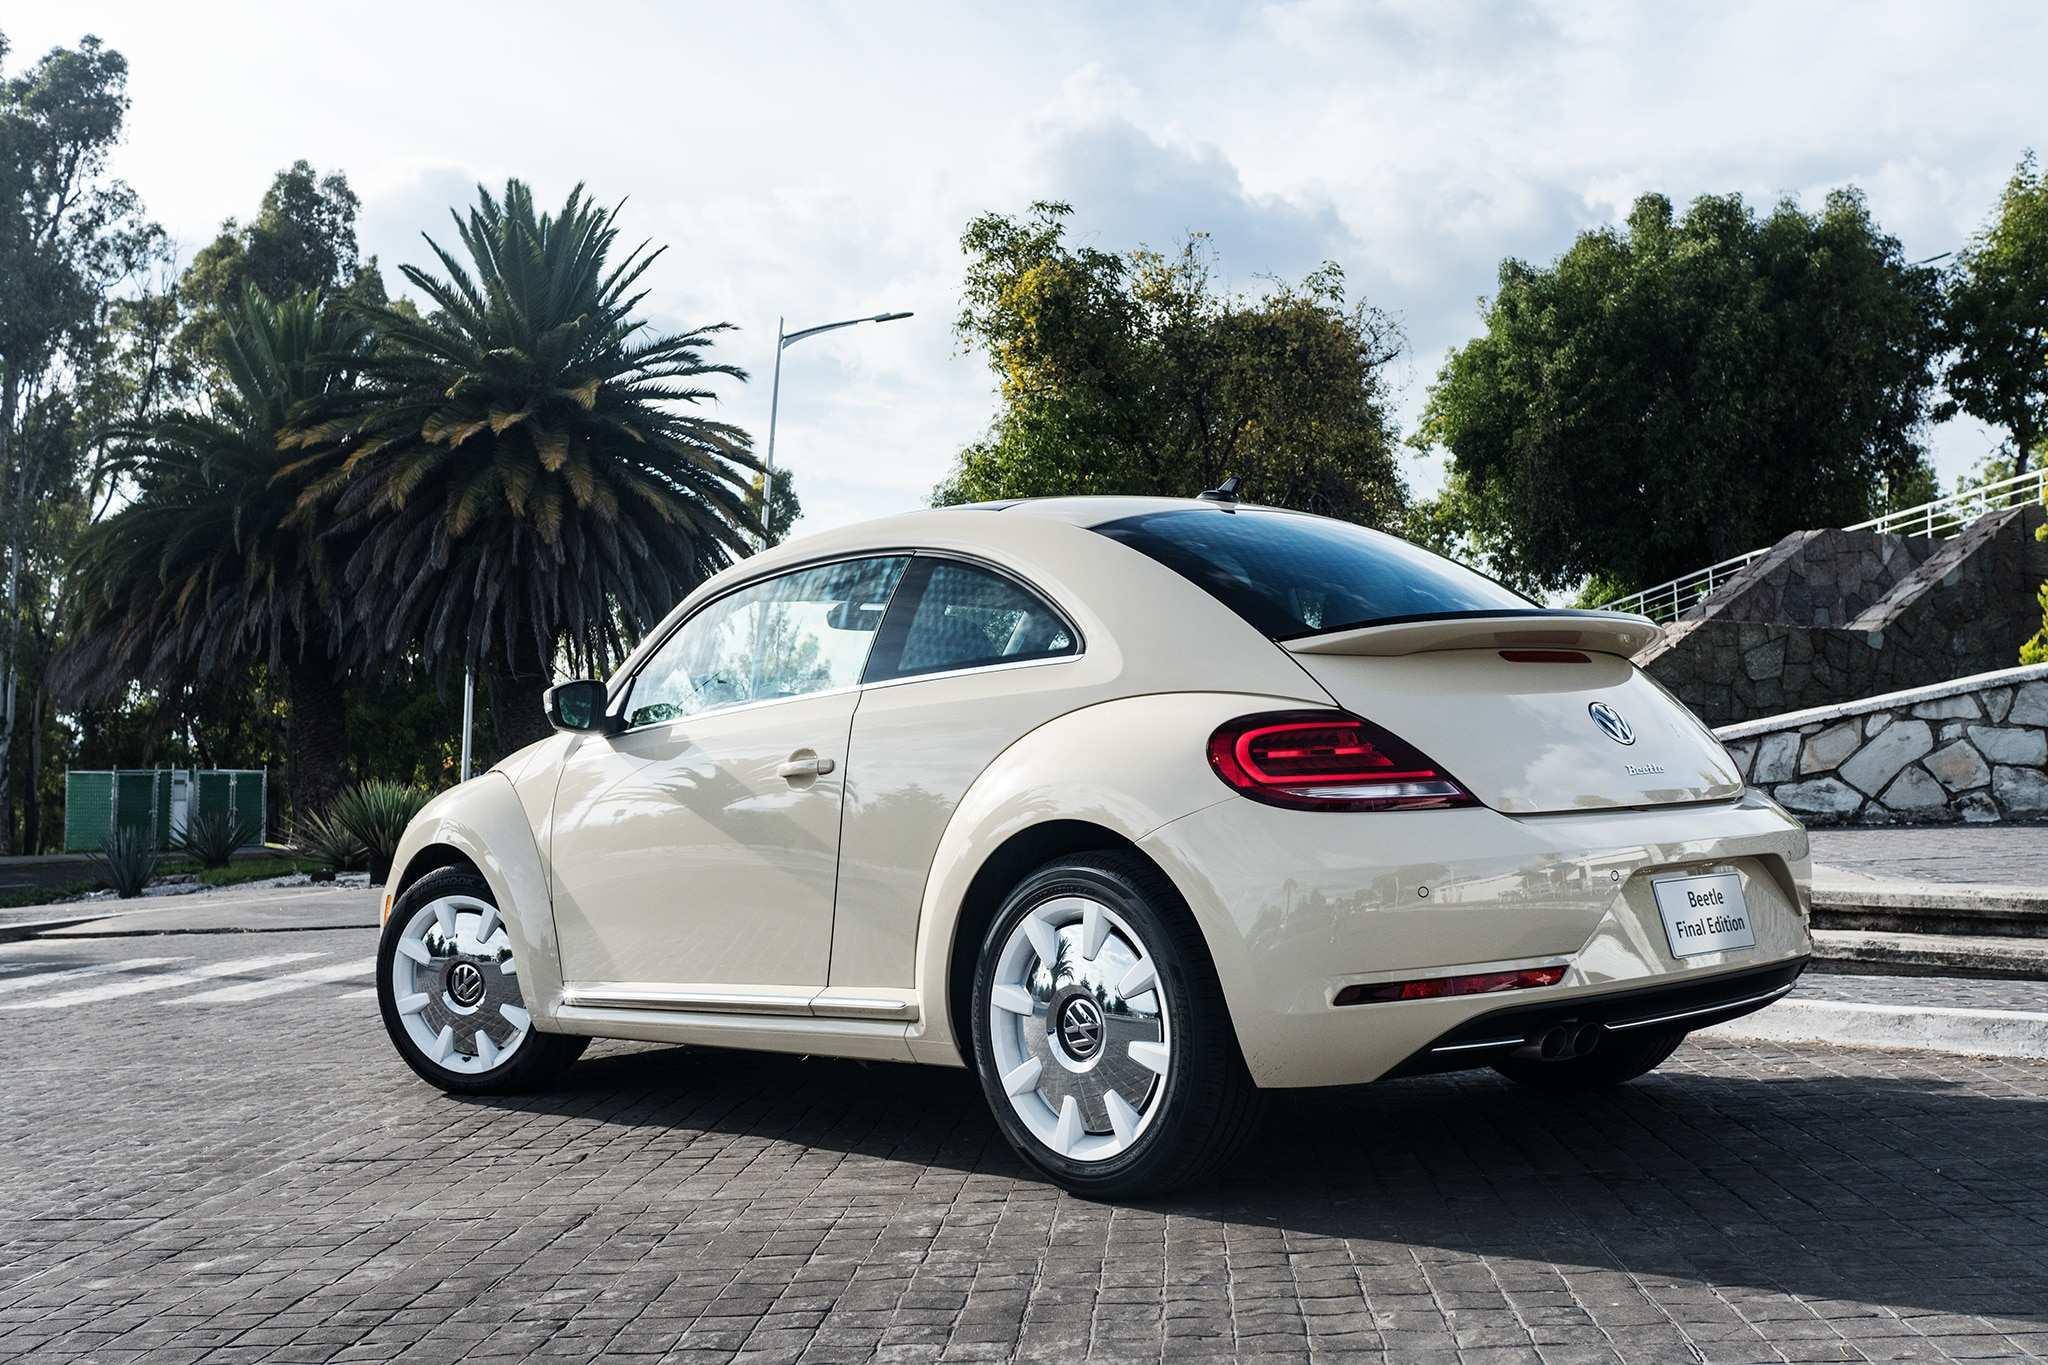 72 All New 2019 Volkswagen Bug Redesign for 2019 Volkswagen Bug